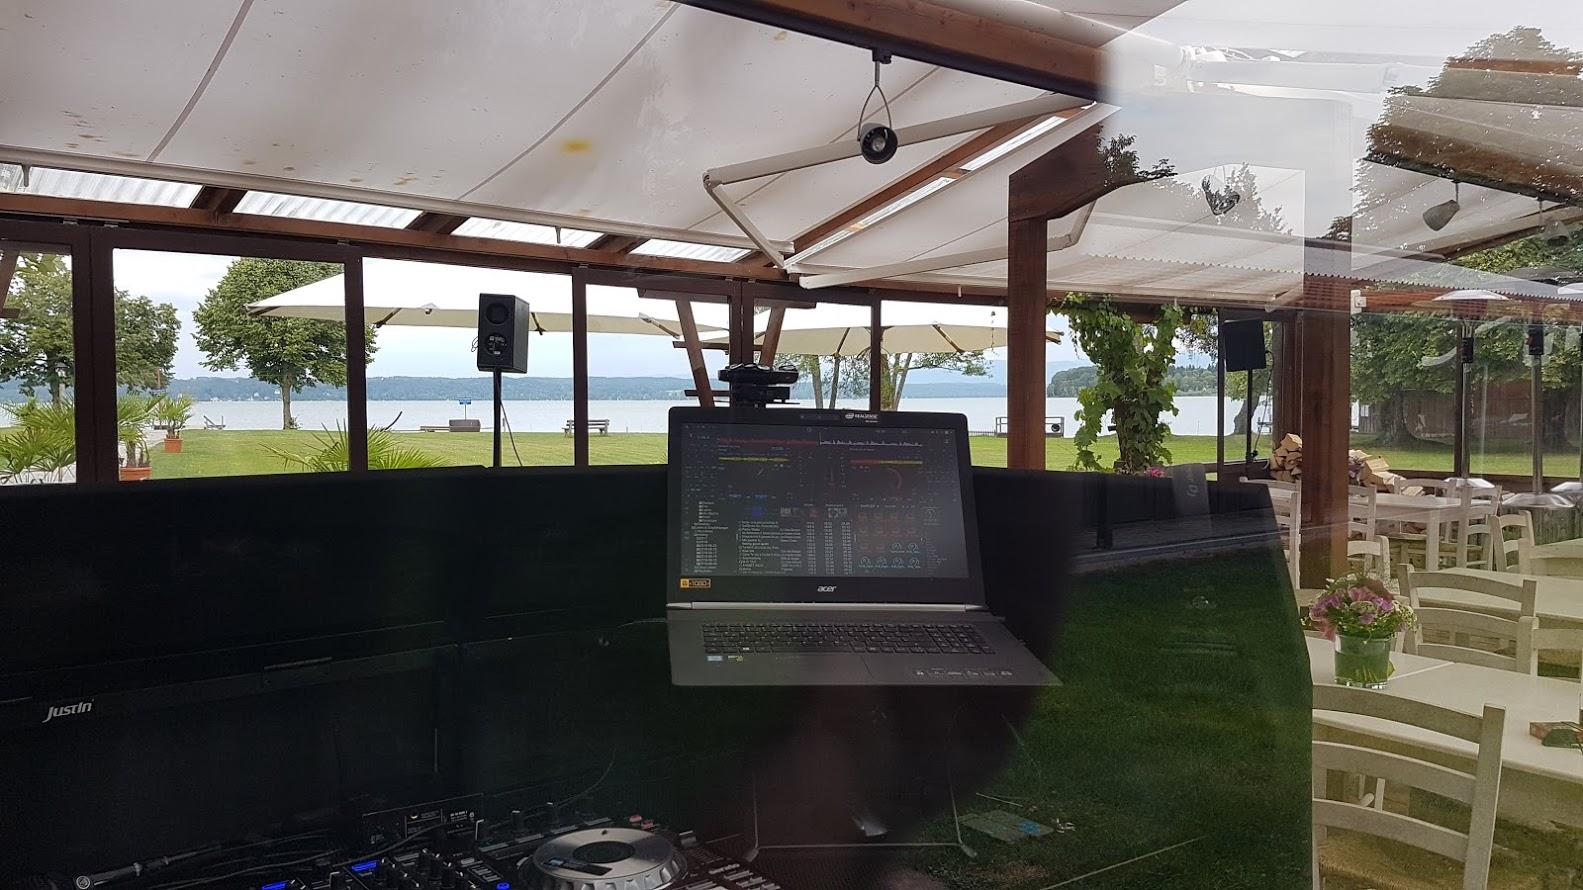 Feiern im Bootshaus am Starnberger See